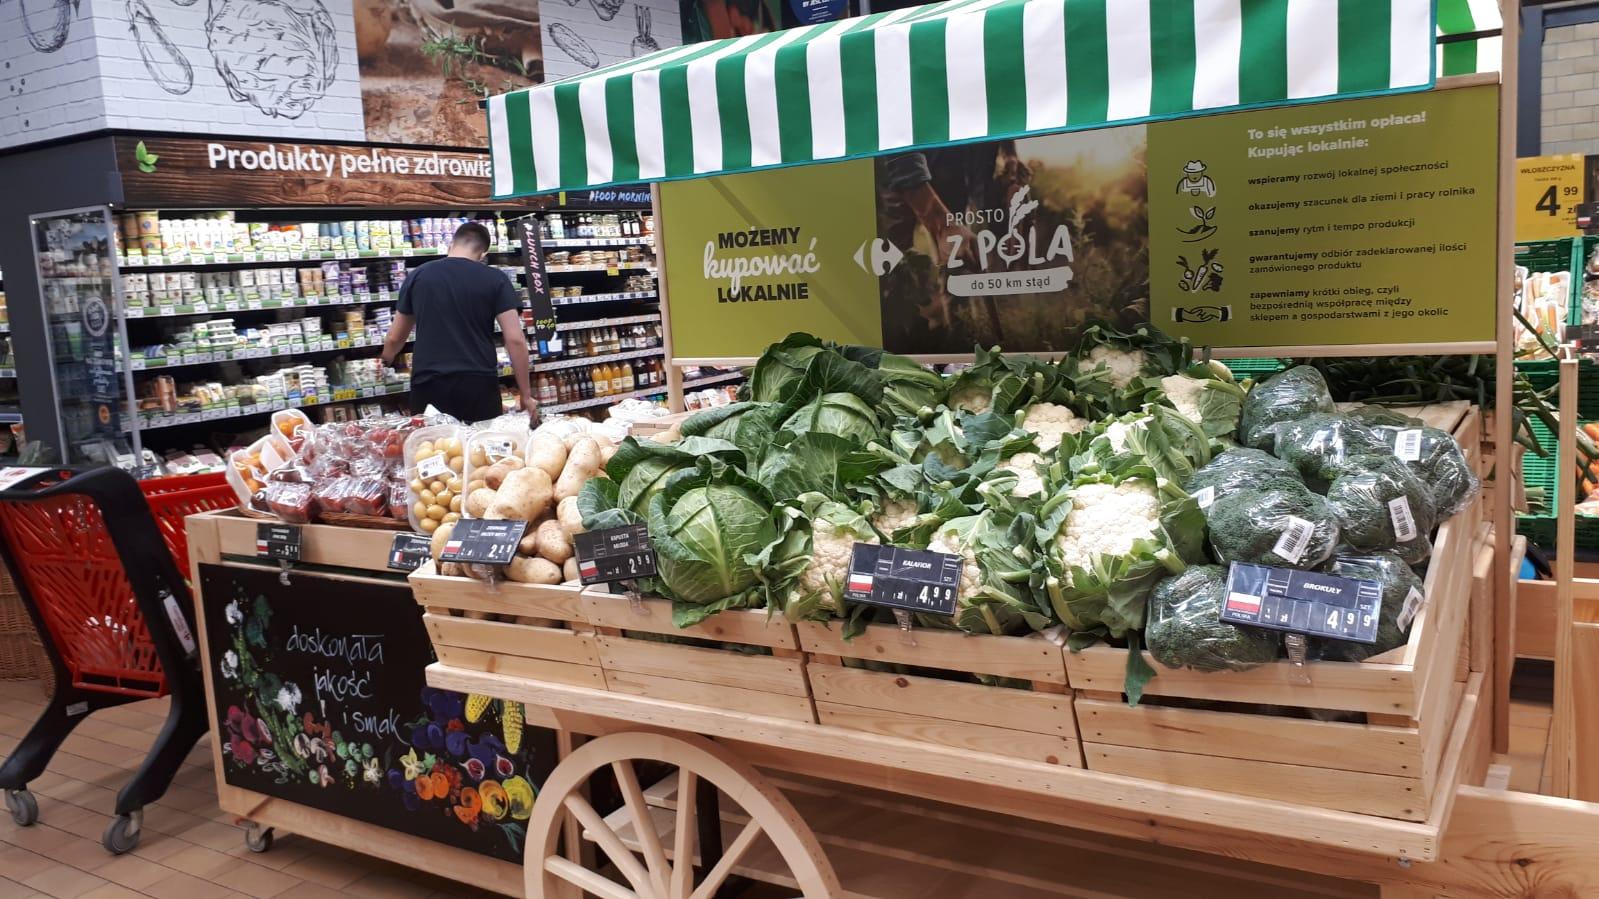 Demokratyzacja żywności bio - transformacja żywieniowa w Carrefour